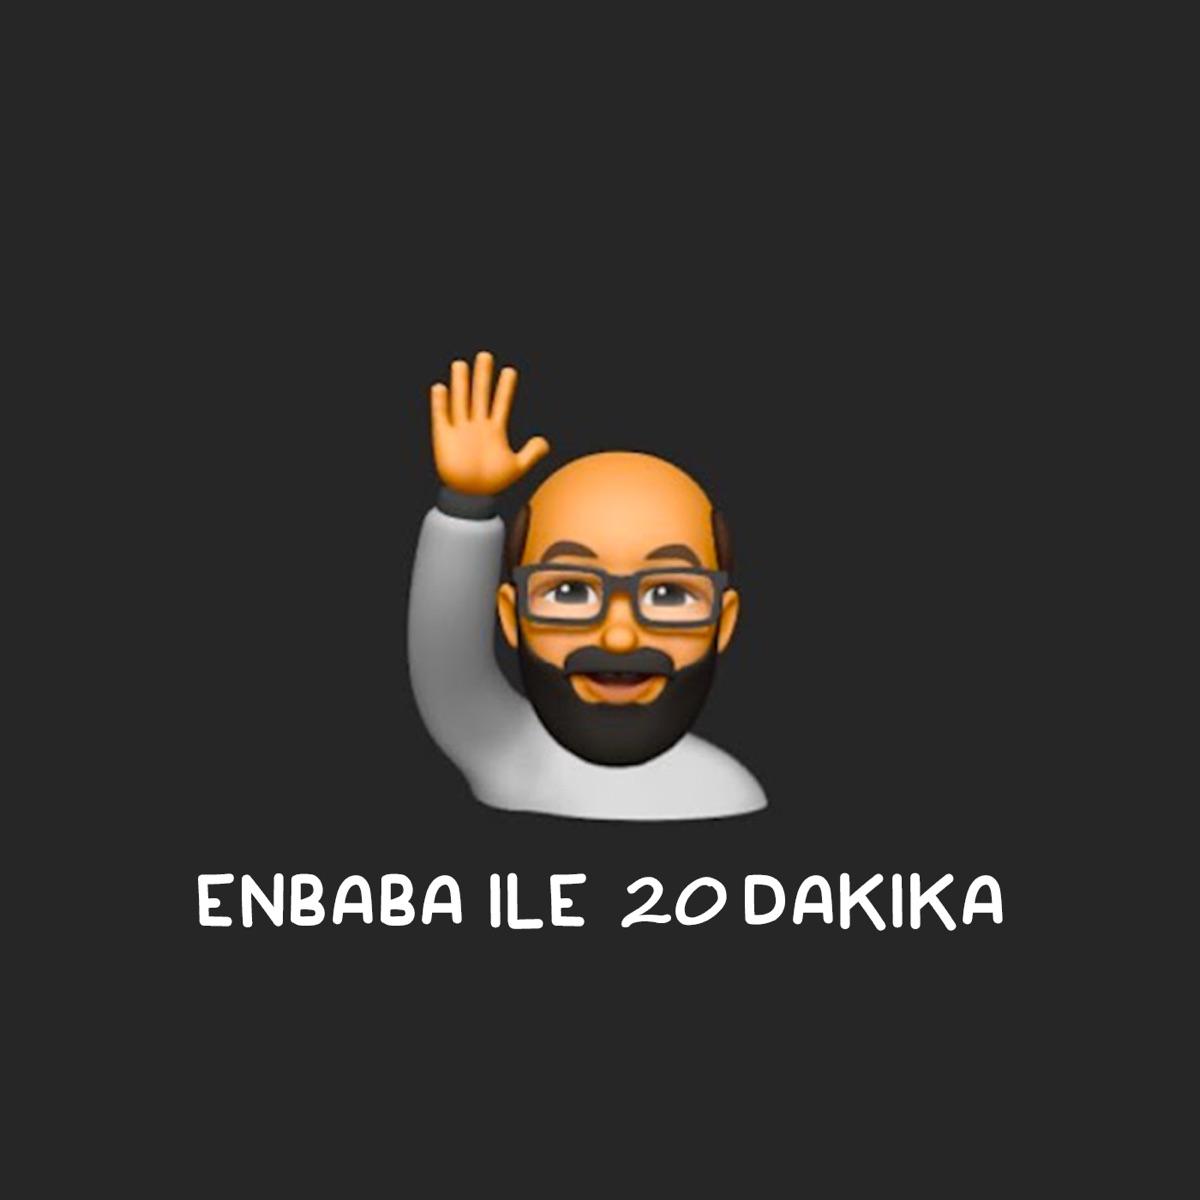 EnBaba ile 20 Dakika